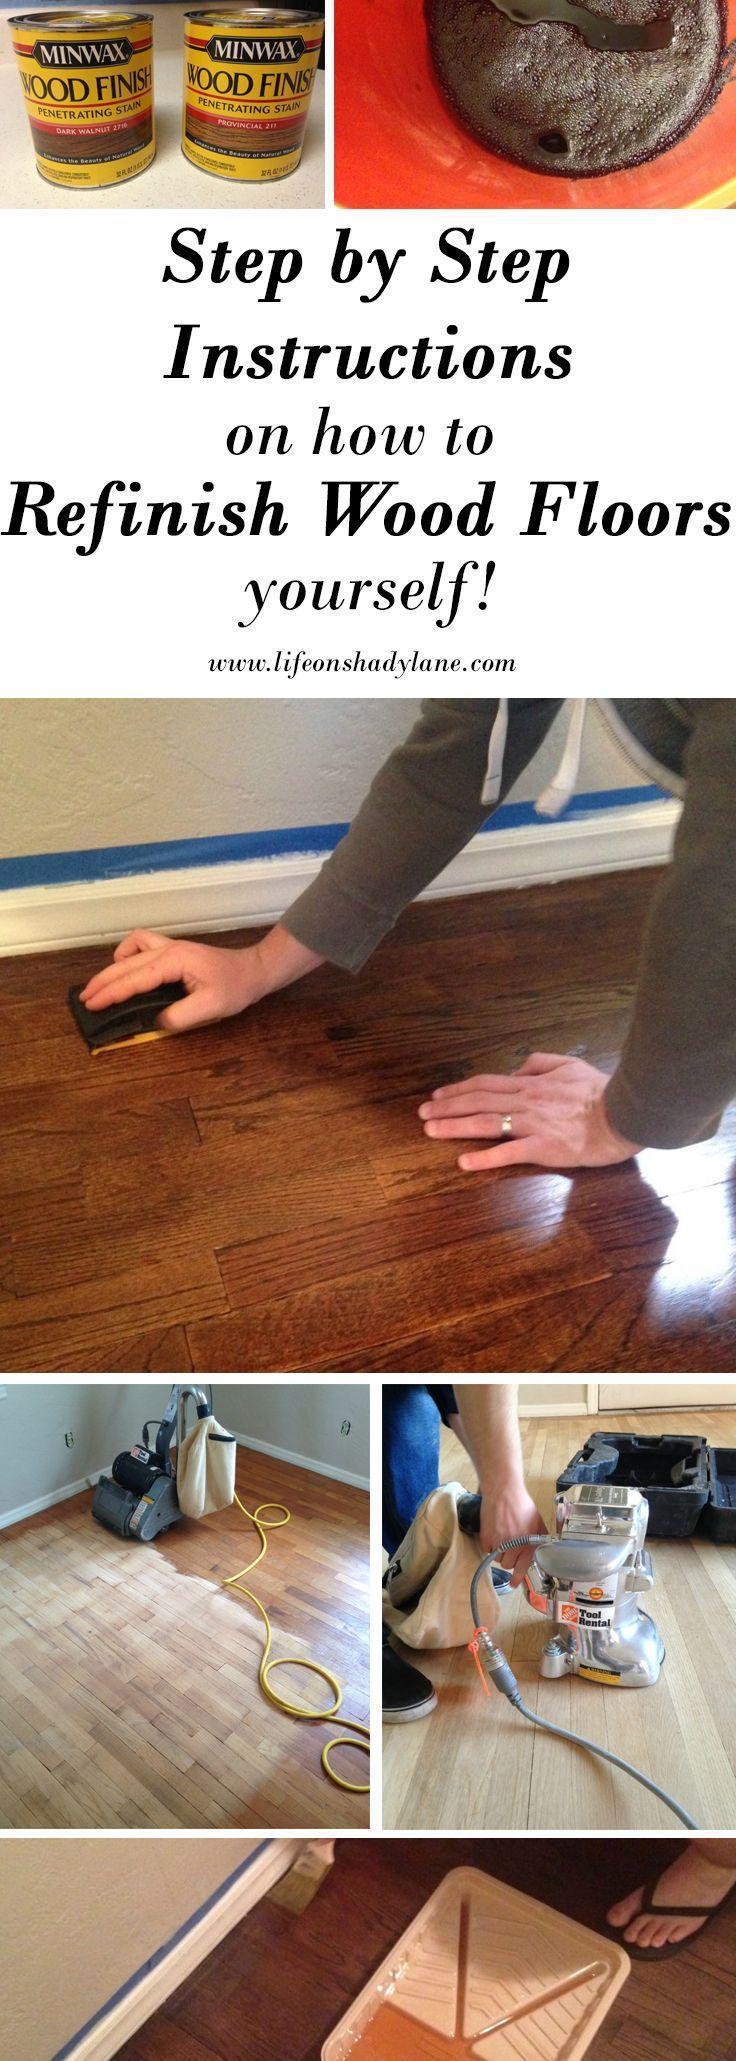 how to refinish hardwood floors yourself without sanding of luxury of diy wood floor refinishing collection pertaining to diy wood floor refinishing fresh how to refinish hardwood floors part 1